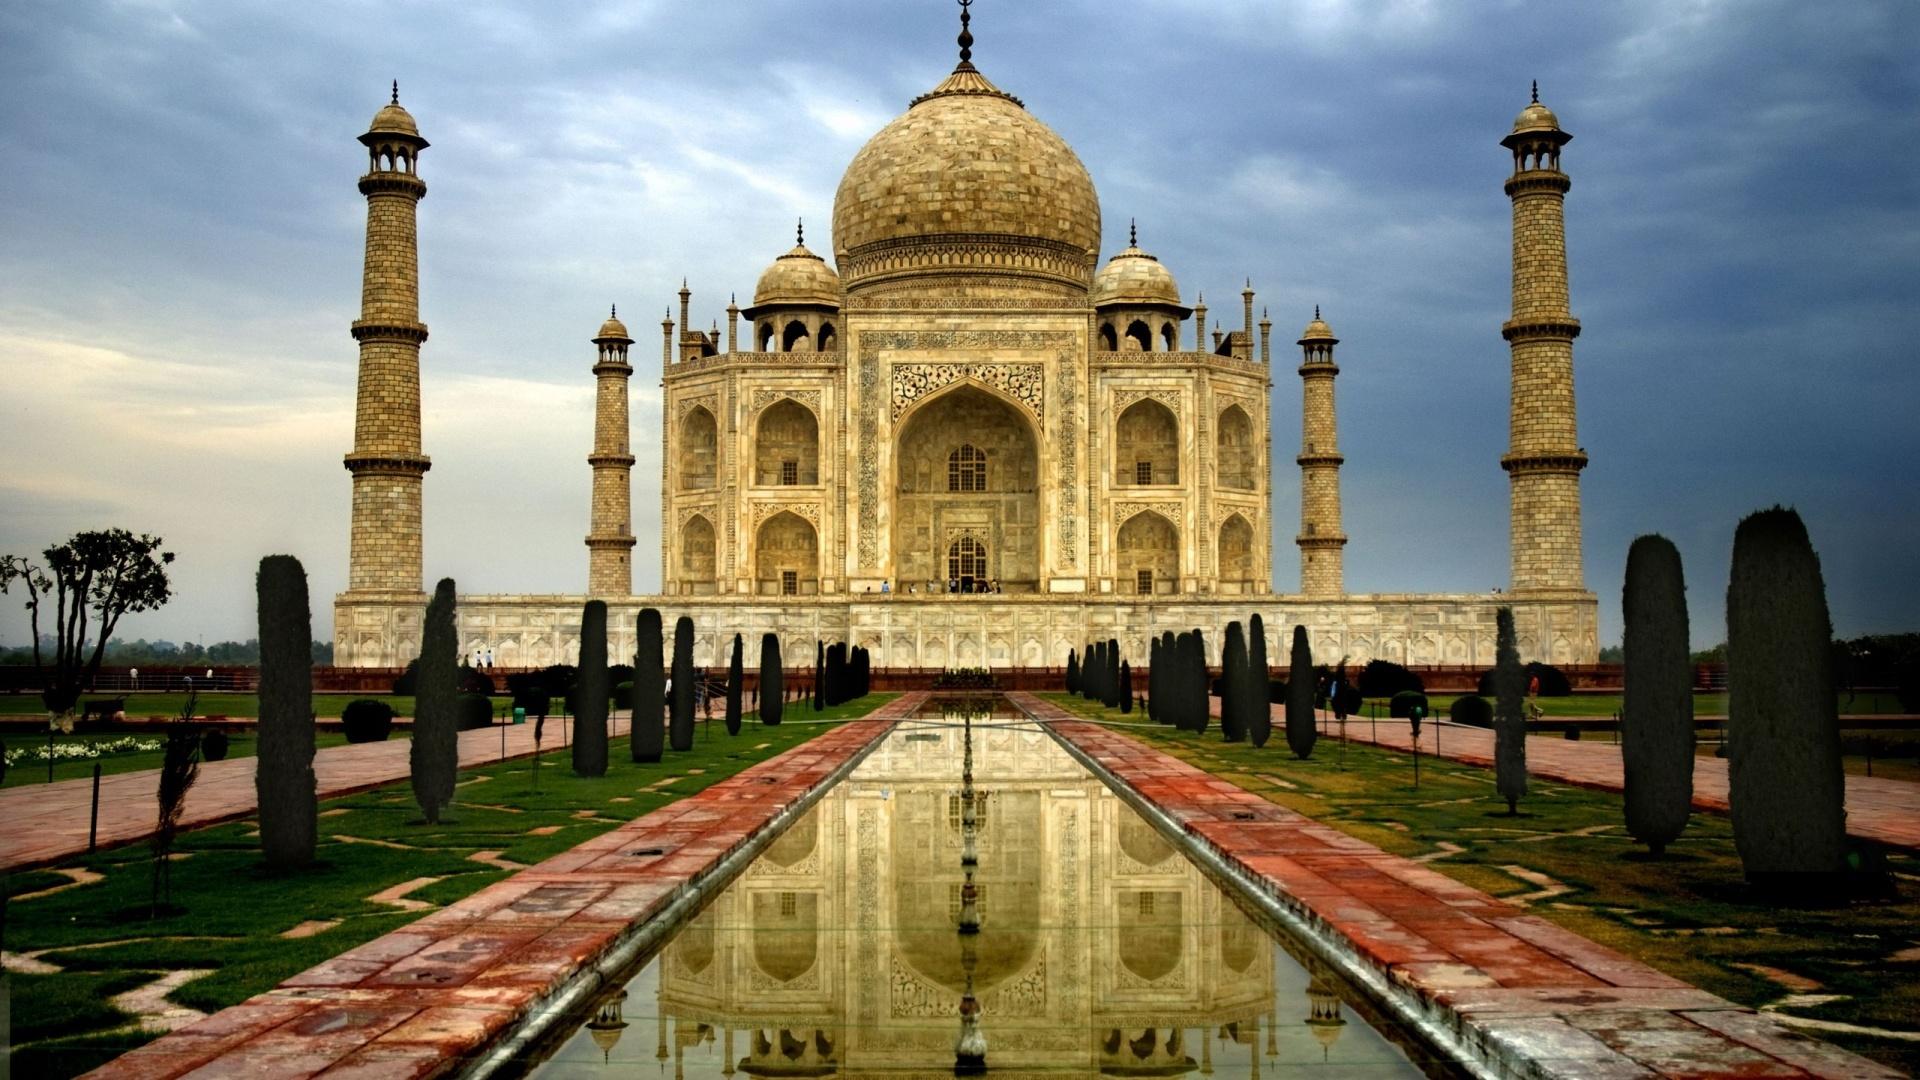 22 شعبه بانک هندی خدمات مالی رمز ارزی ارائه میدهند!